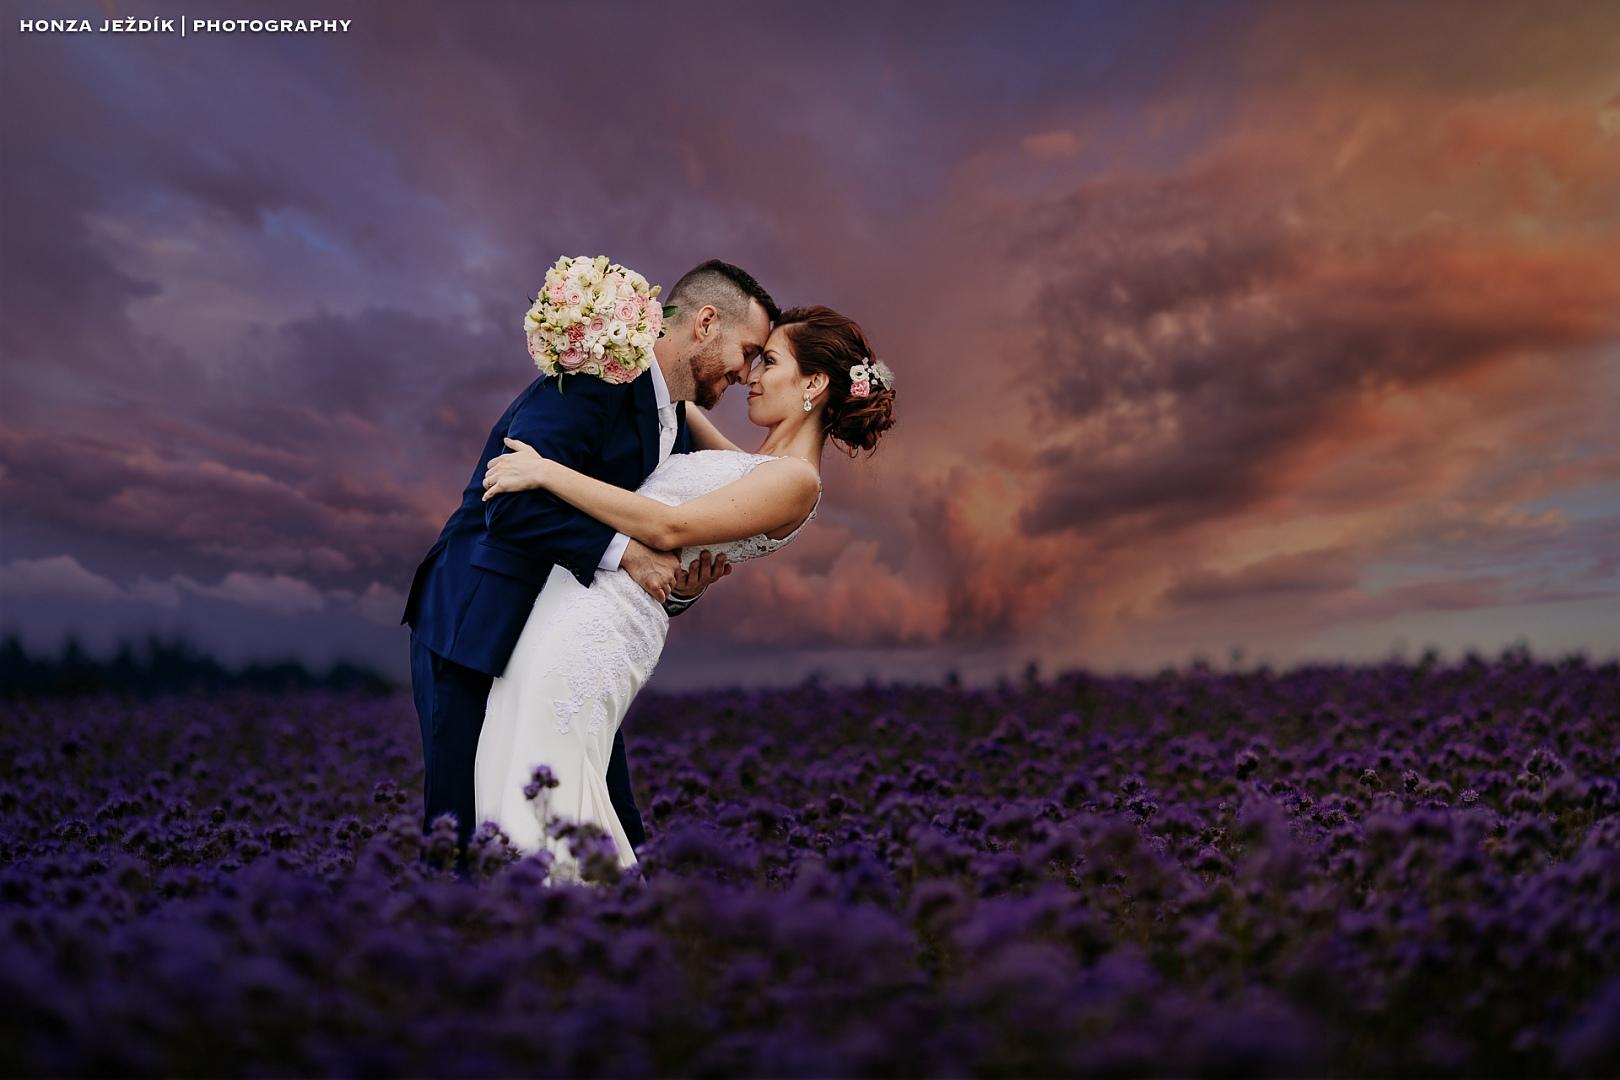 Zamyšlení profesionálního svatebního fotografa